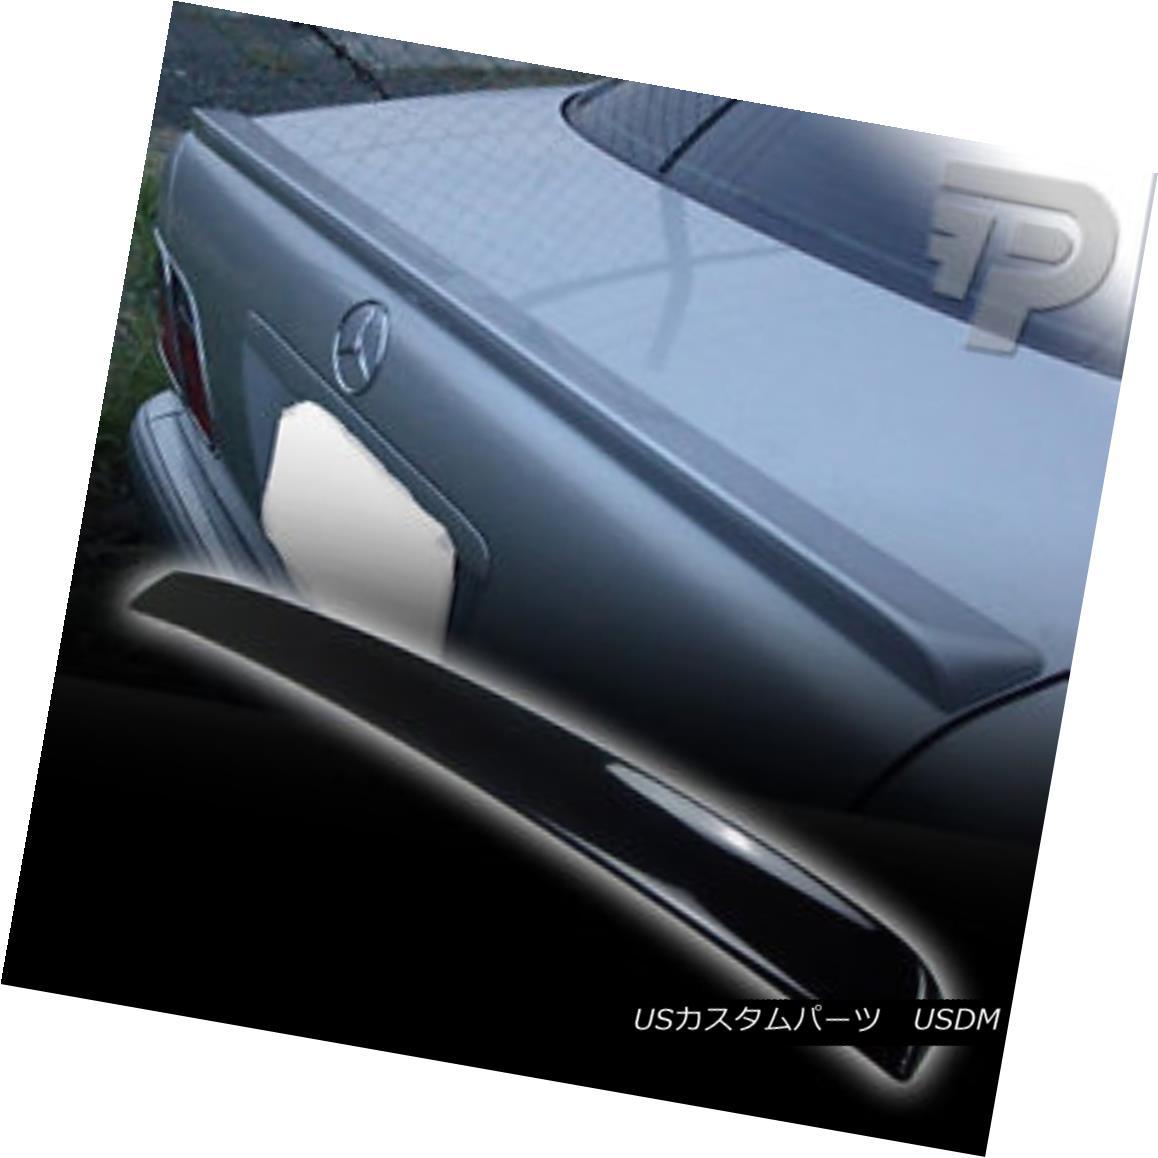 エアロパーツ PAINTED Mercedes BENZ W210 4D REAR TRUNK SPOILER 95-01 744 SILVER ▼ 塗装メルセデスベンツW210 4Dリアトランクスポイラー95-01 744シルバー?